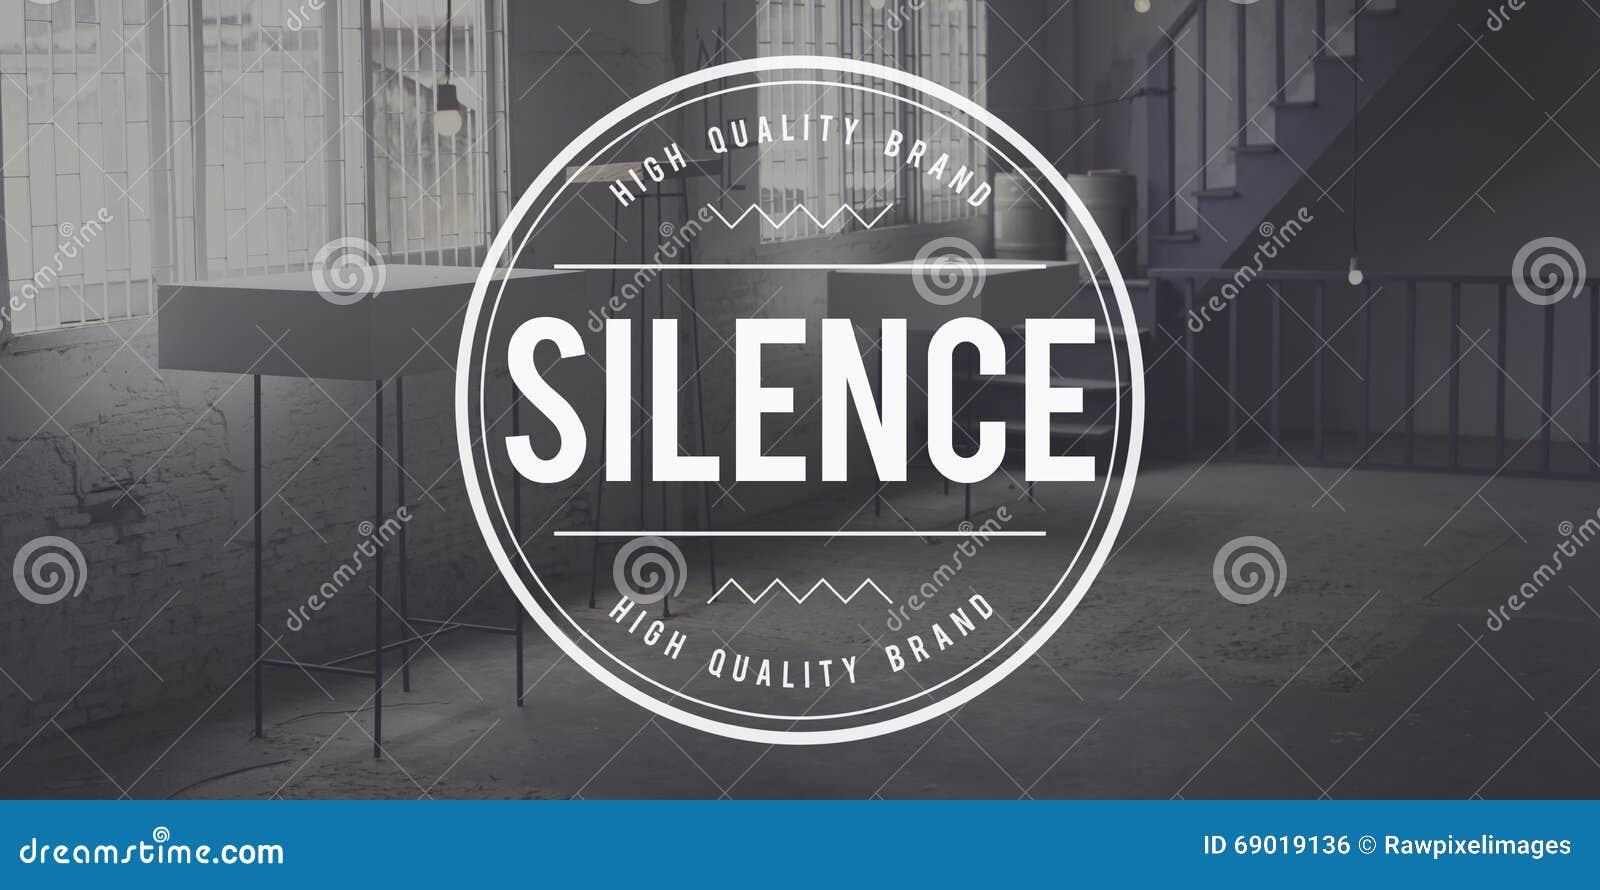 För tystnad fridsamt stillsamt för Quietness tyst begrepp fortfarande